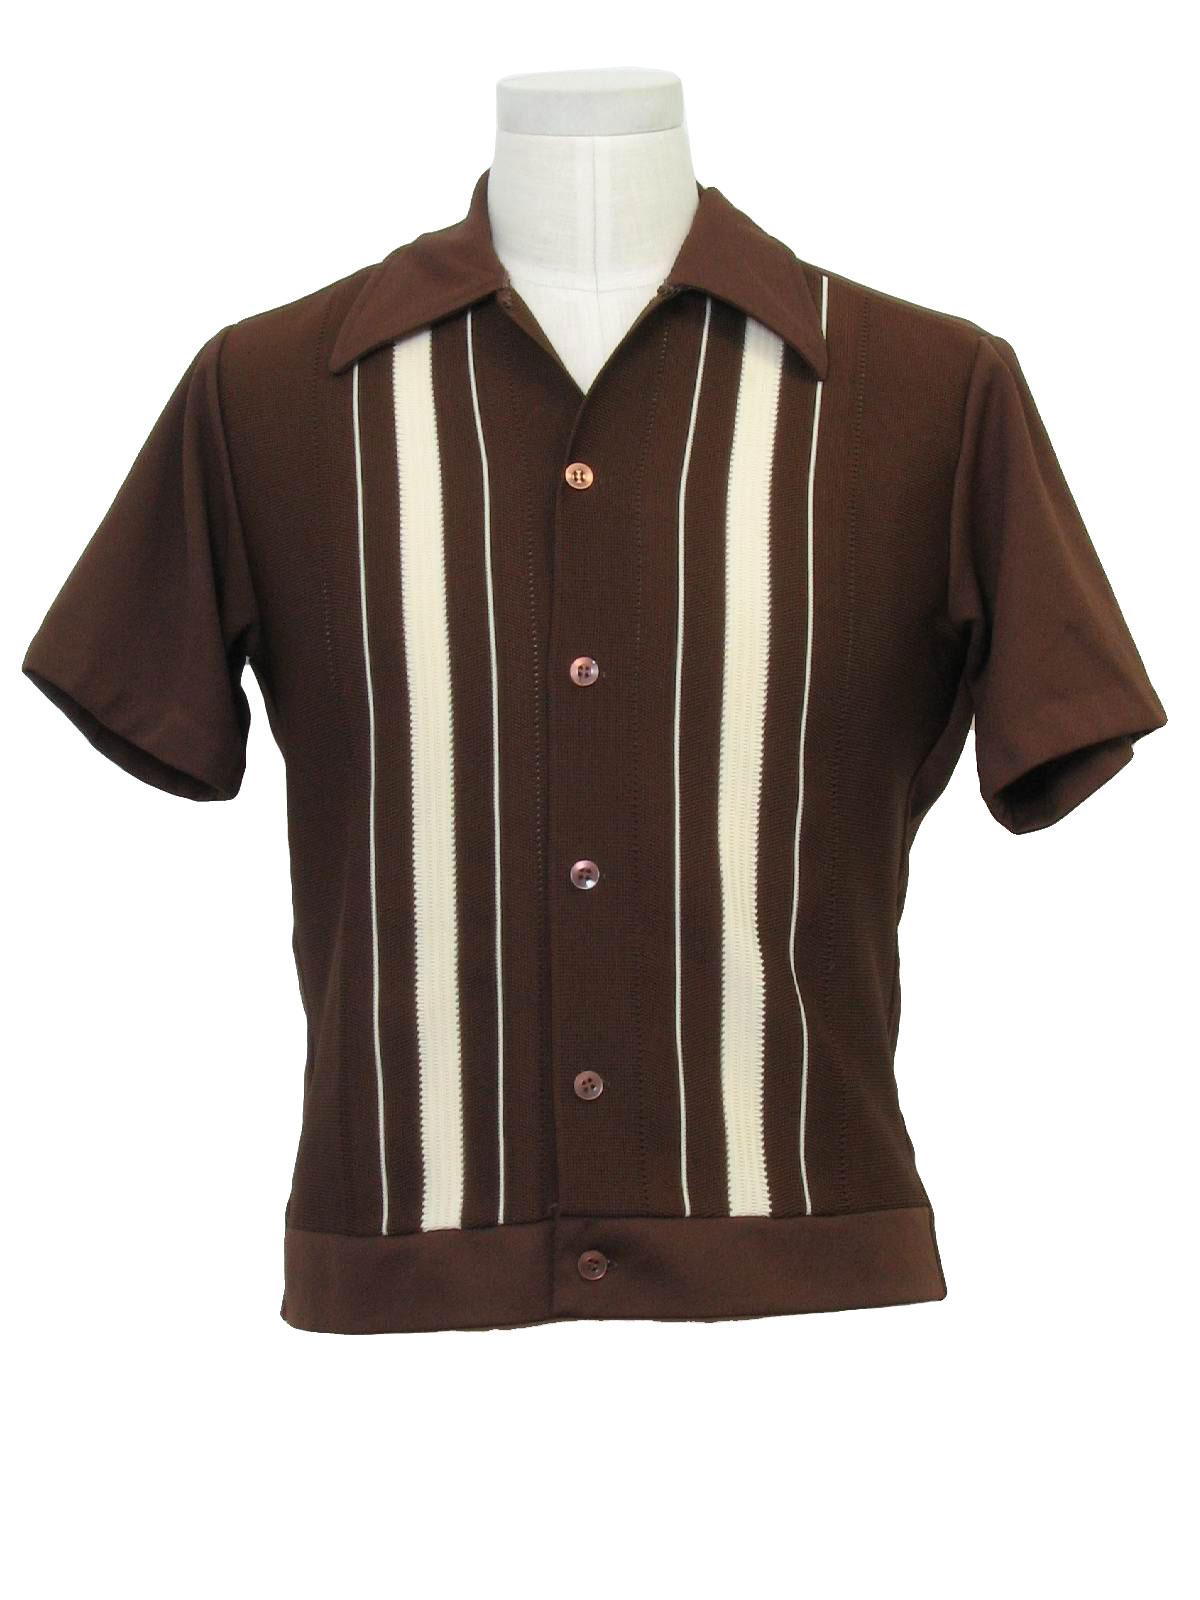 Womens Knit Shirts